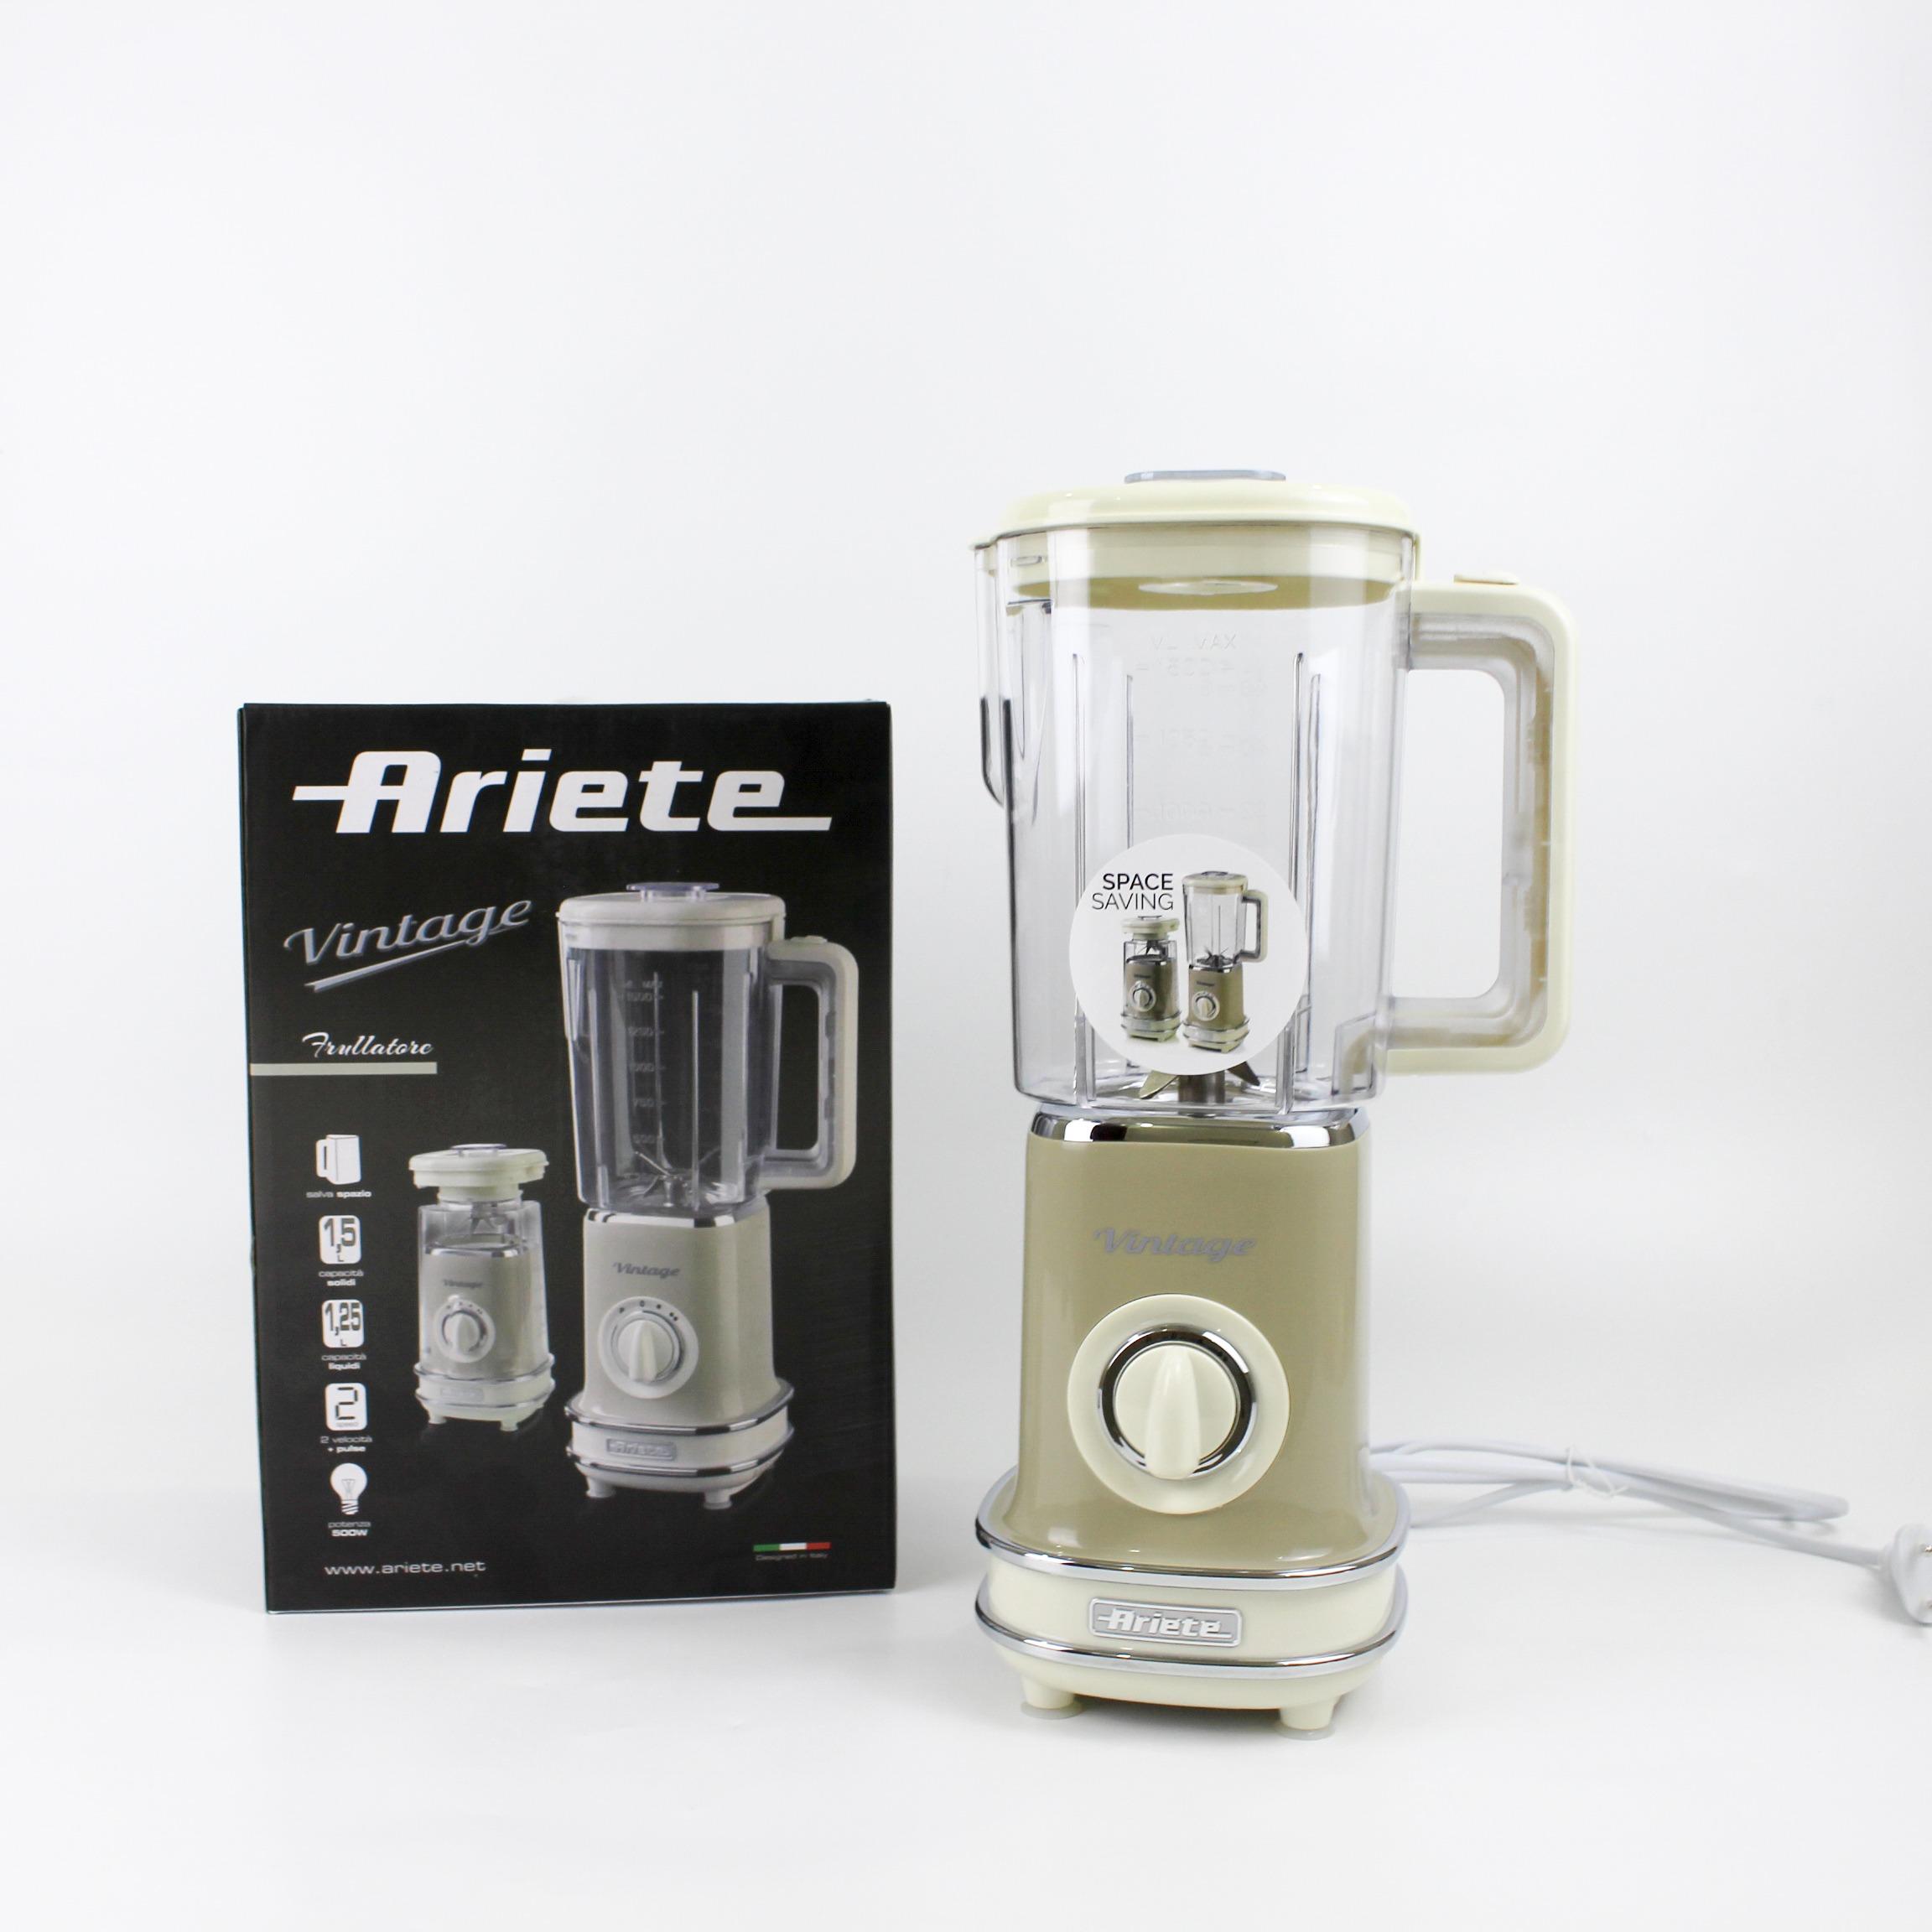 Máy xay sinh tố Ariete MOD 0568 có thiết kế cổ điển với một núm xoay điều chỉnh các cấp độ xay và nhồi tùy ý. Dung tích cối xay lớn 1,5 lít với công suất 500 W và 6 lưỡi dao sắc bén bằng thép không gỉ. Máy có thể xay nhuyễn các loại hoa quả, đá viên... Cối có thể tháo rời, dễ dàng vệ sinh. Chân đế cân bằng, giảm tiếng ồn khi sử dụng. Sản phẩm có giá 1,32 triệu đồng, giảm 45% so với giá gốc.